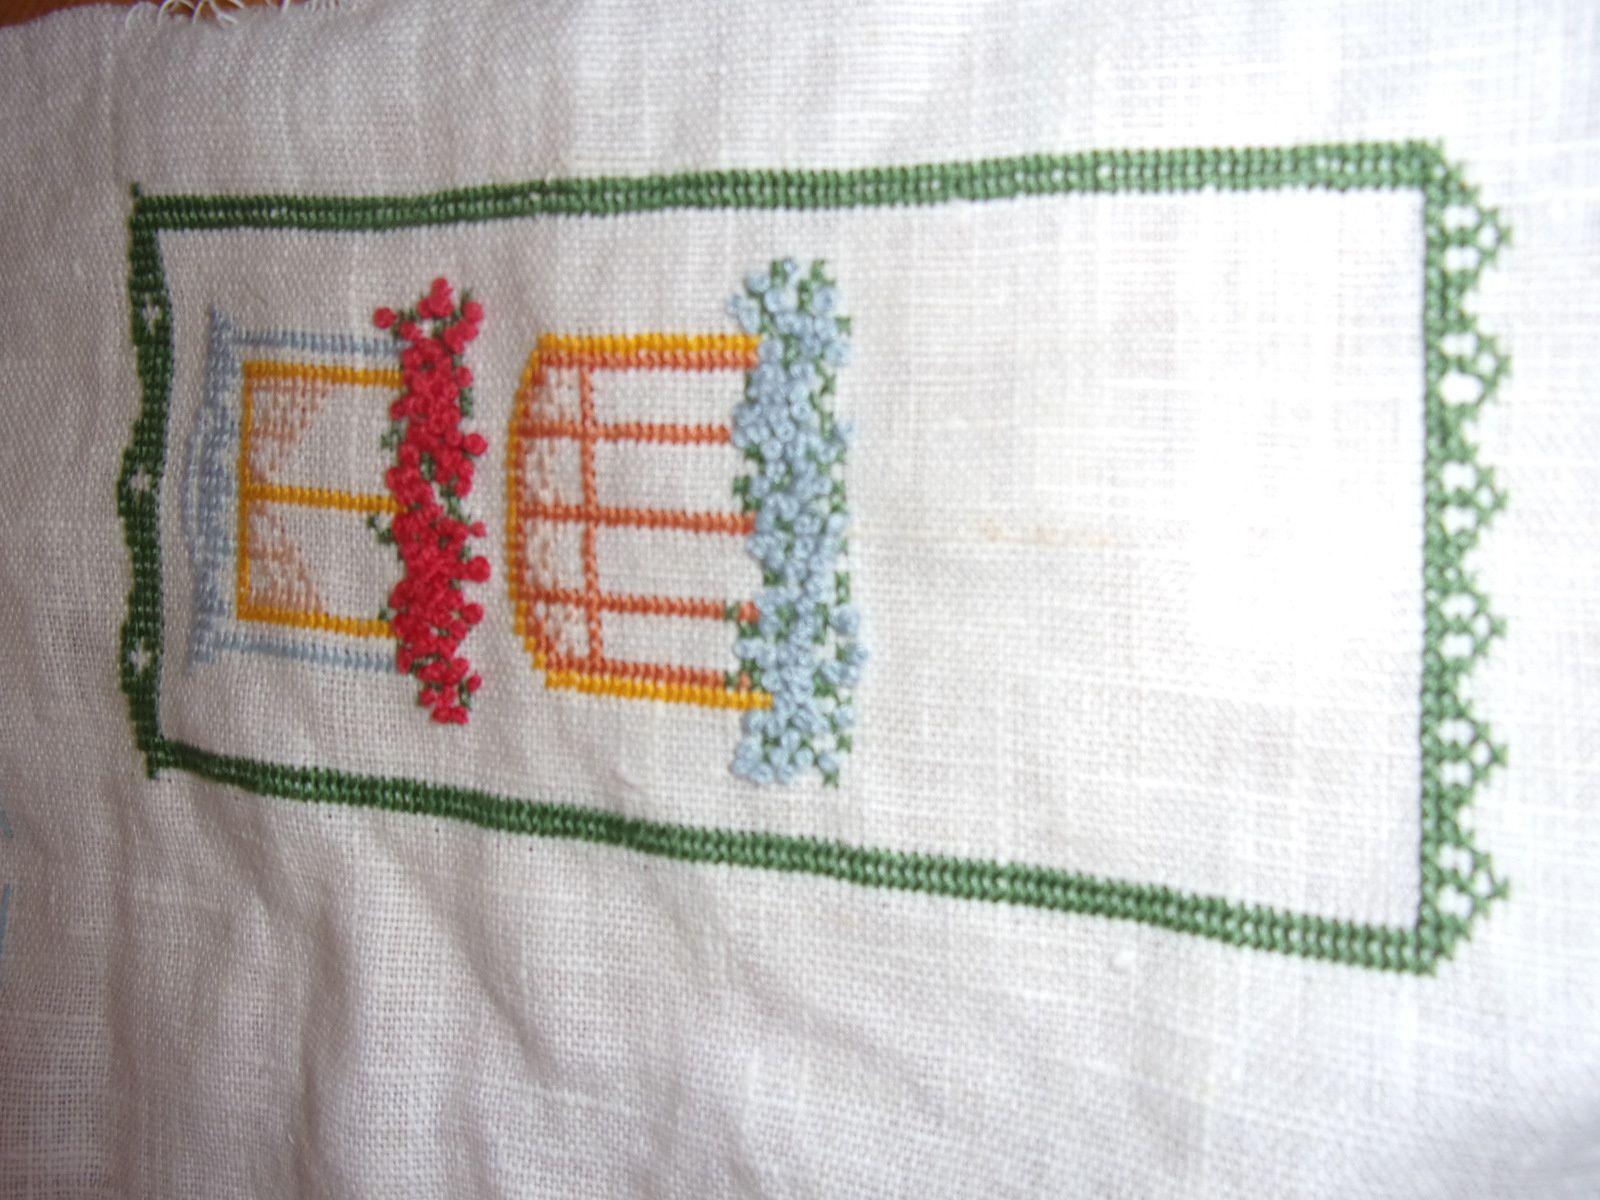 Sal fenêtres fleuries